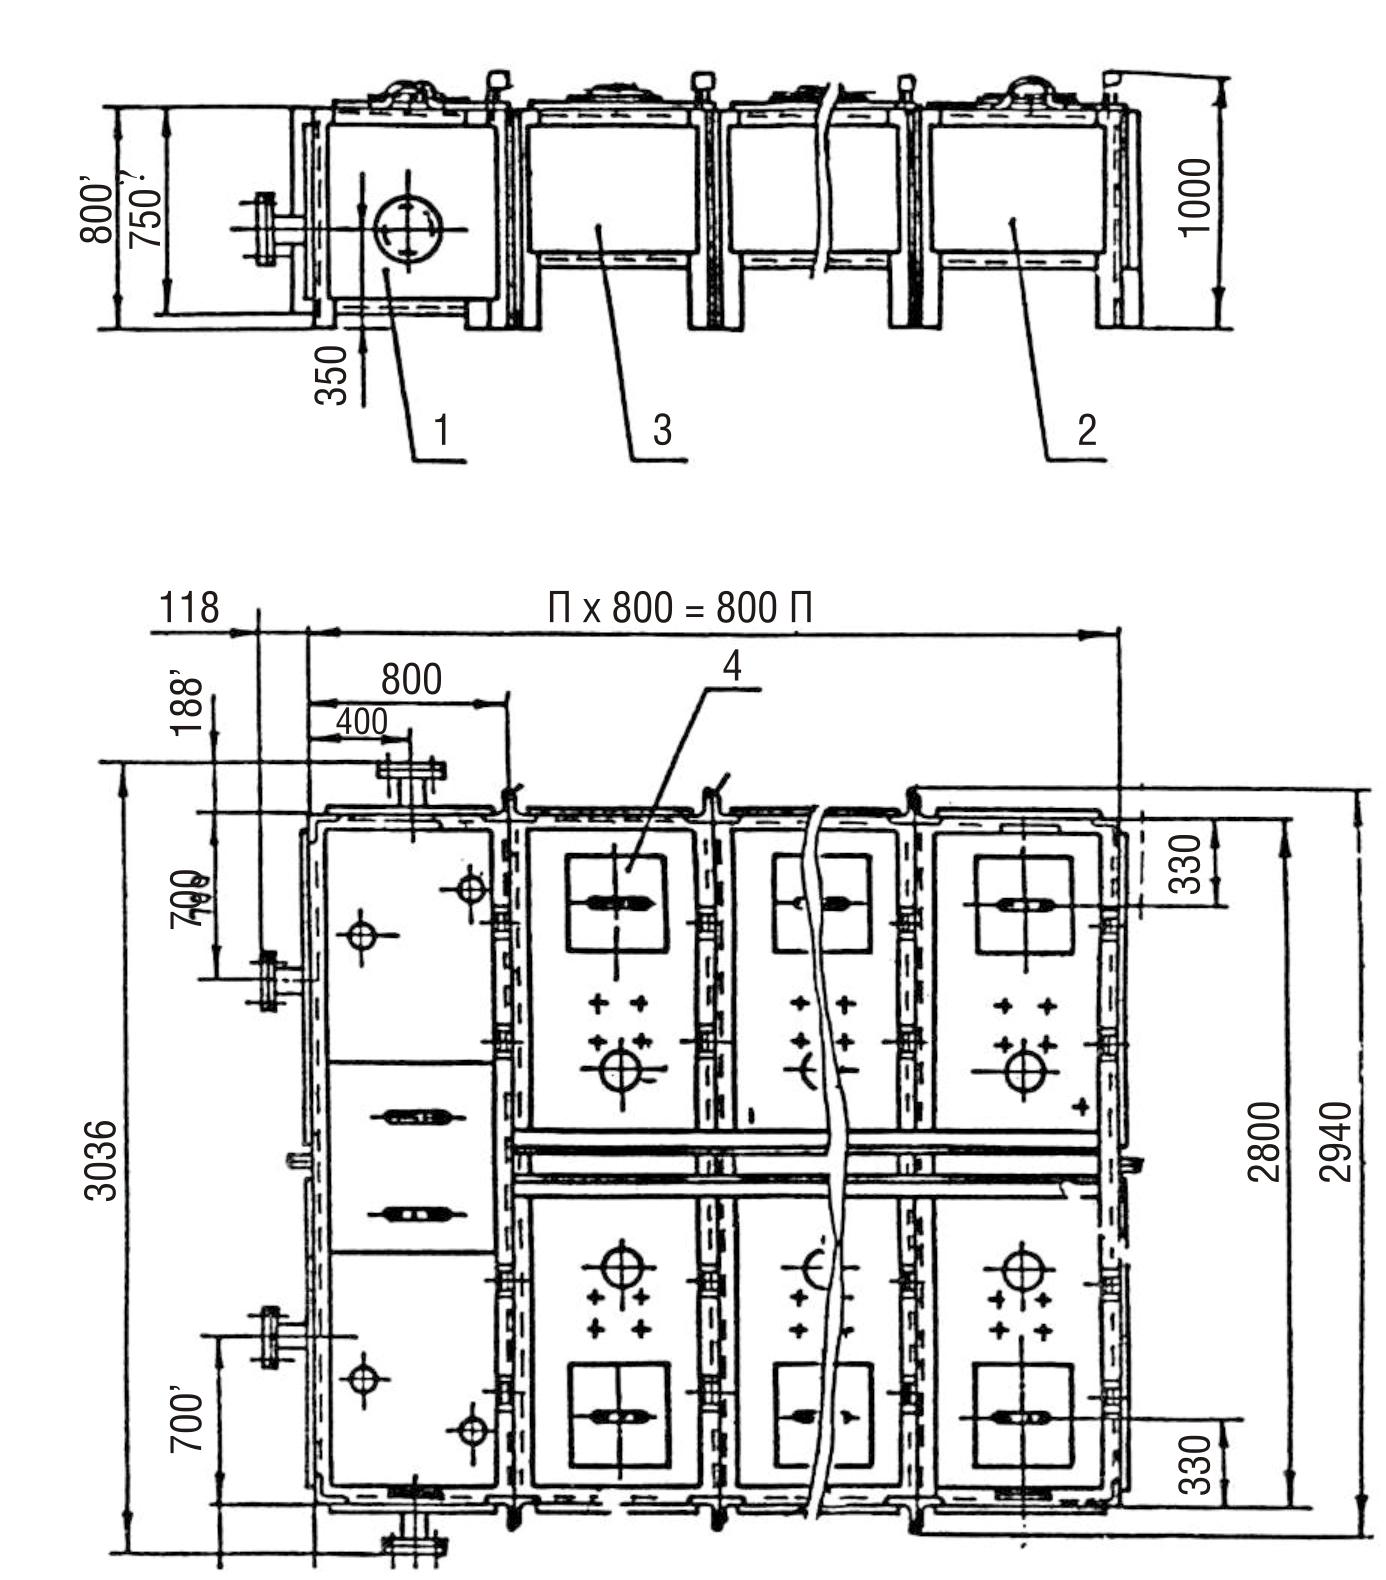 Бак фекальный секционный МСБ-1/6 (секция приемная - 1шт., секция торцевая - 1 шт., секция рядовая - 6шт.) Серия